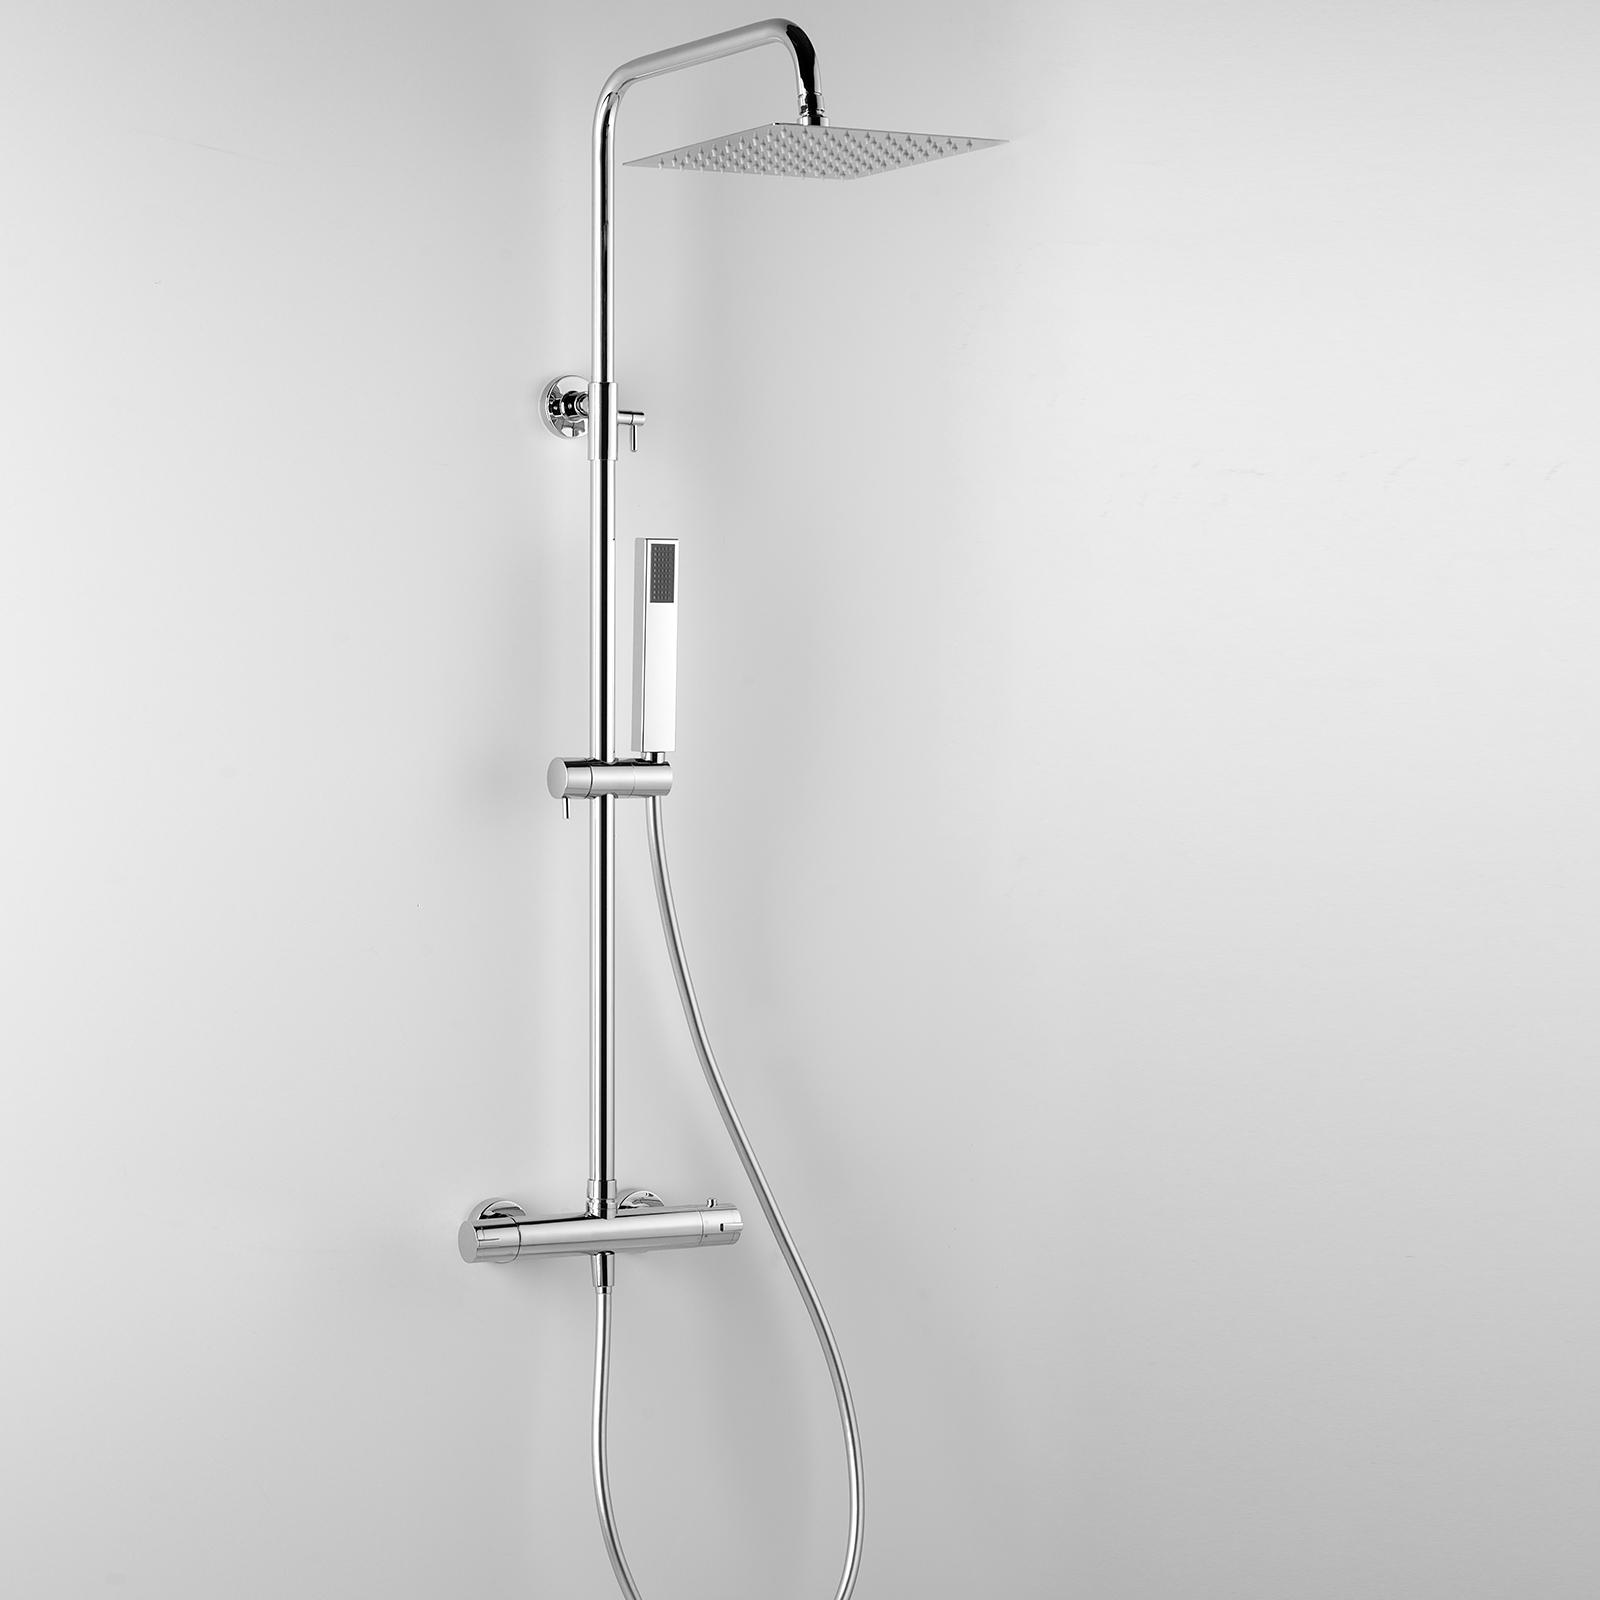 Colonna doccia termostatica Ares Aloe con soffione quadrato 20x20 cm telescopica